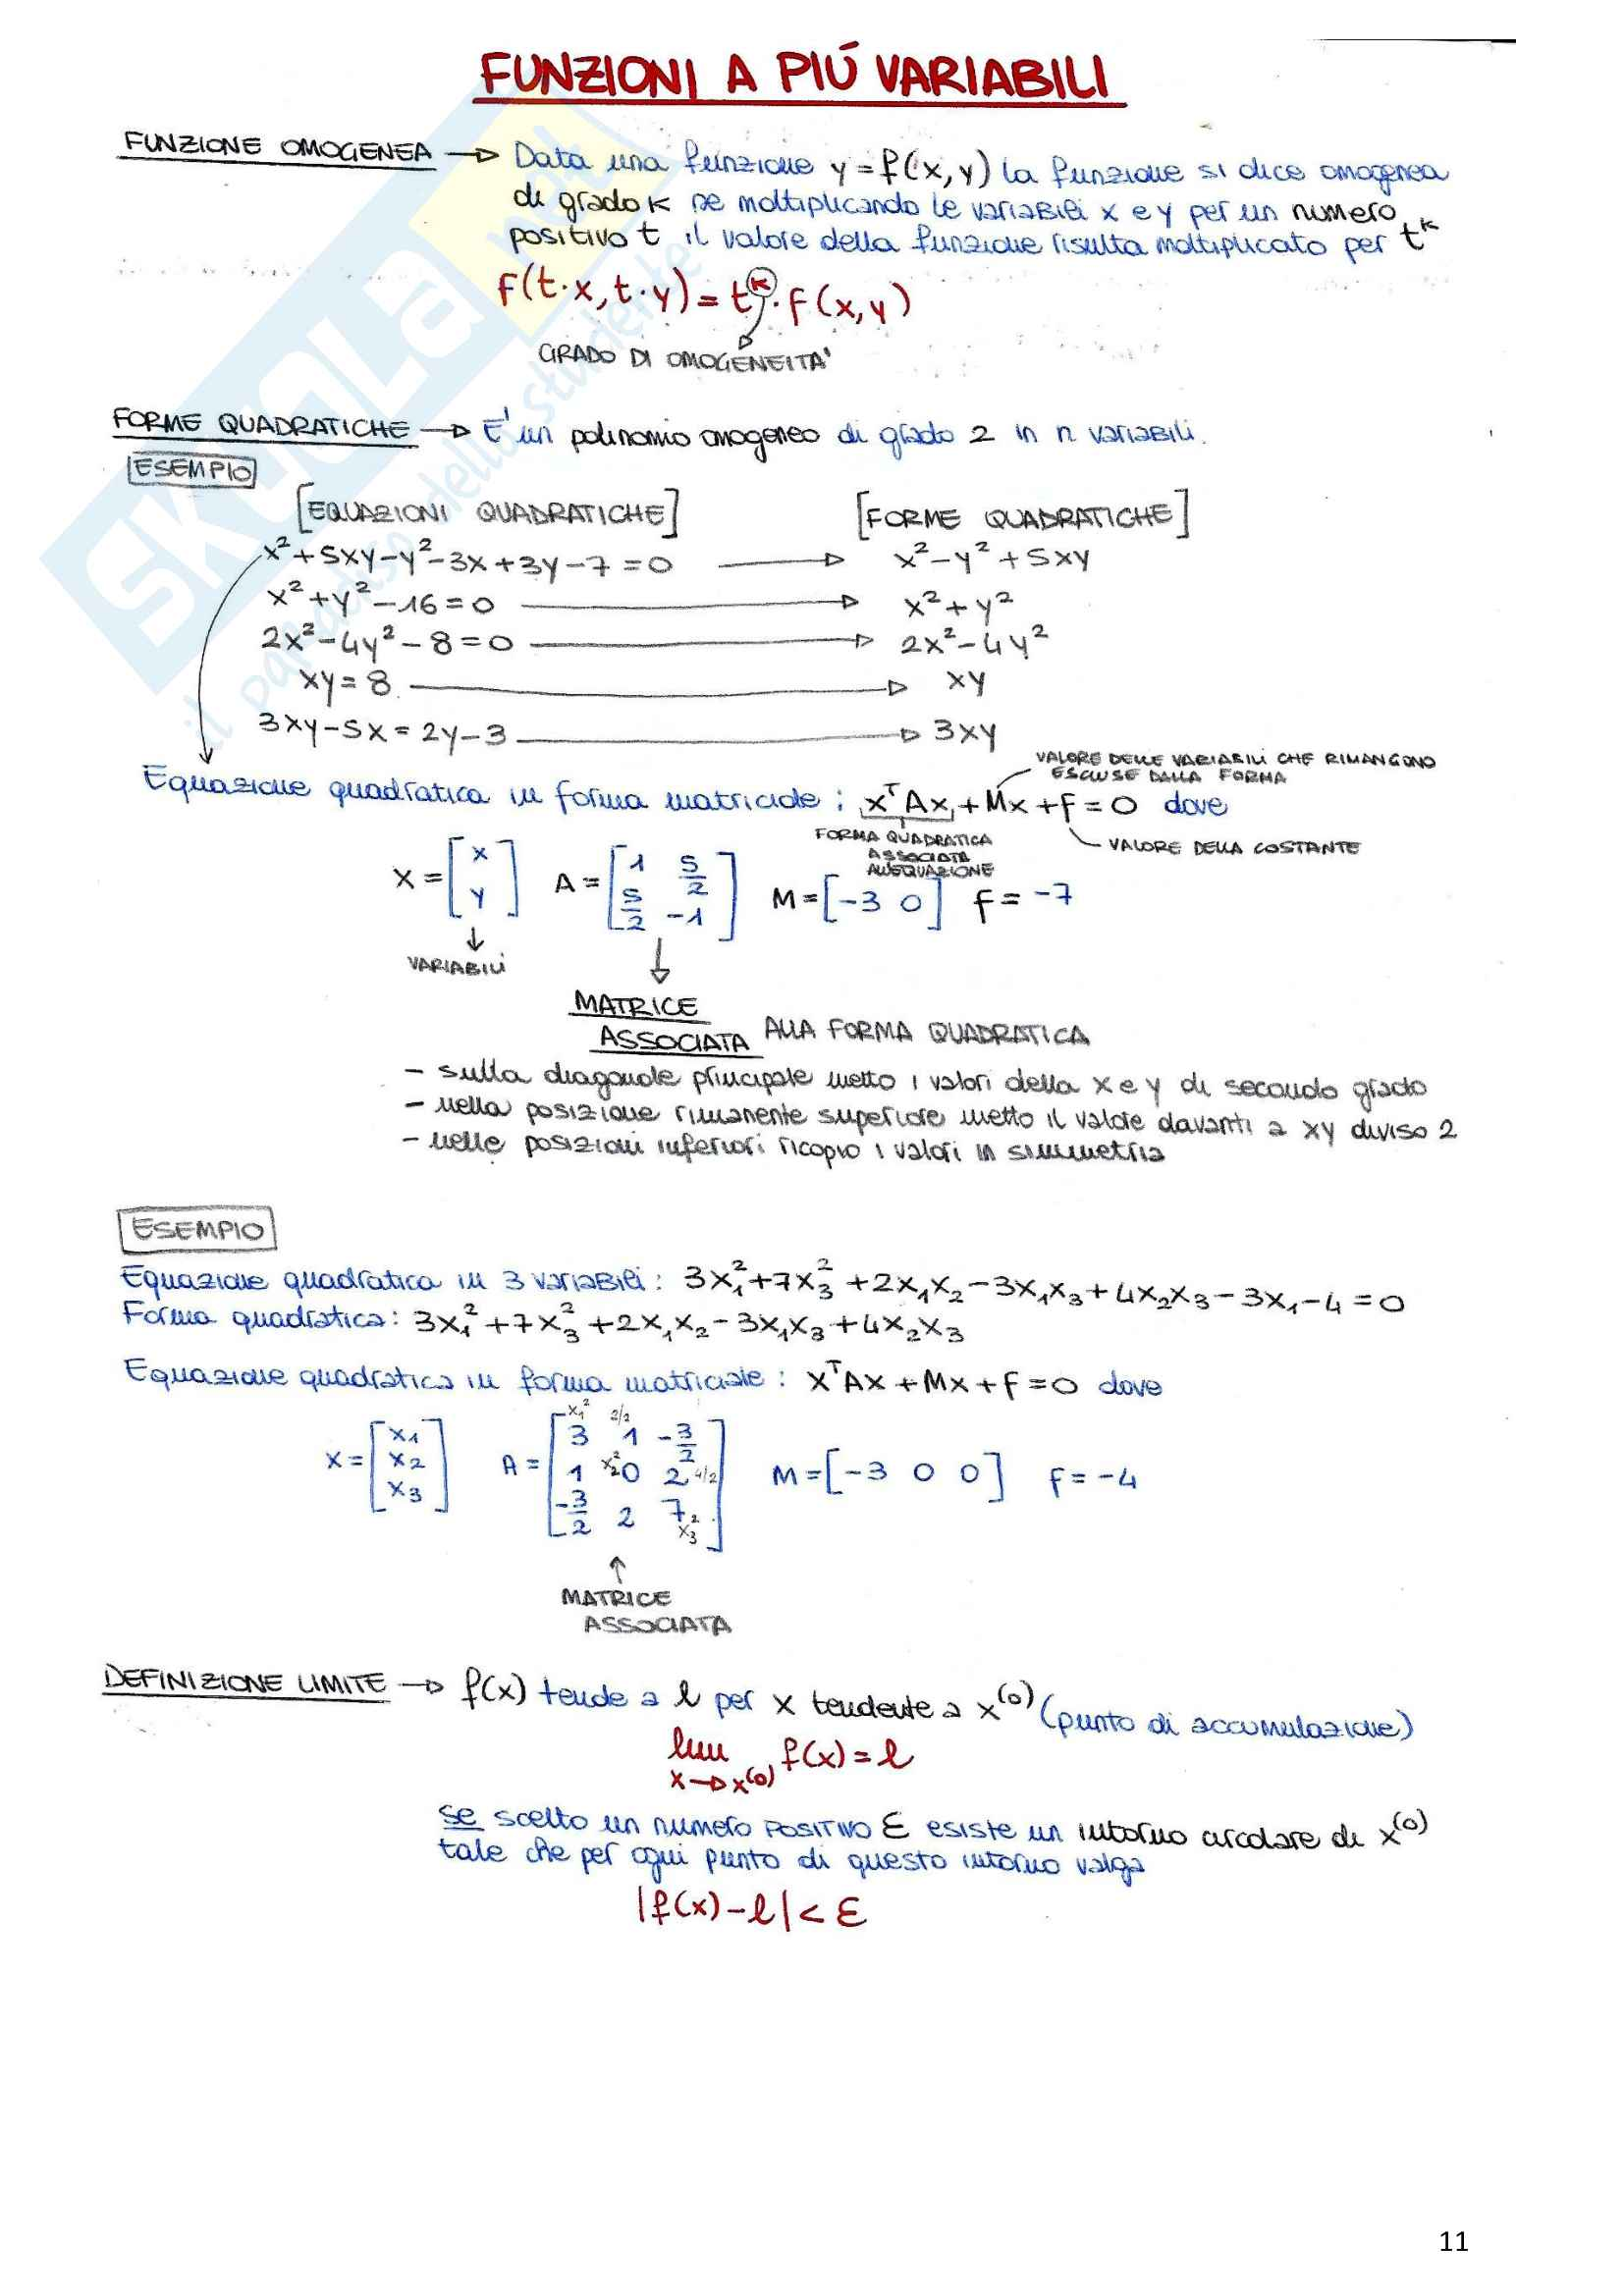 Riassunto esame Elementi di matematica (integrali, matrici, sistemi lineari, funzioni a più variabili), prof. Ortobelli, libro consigliato Manuale modulare di metodi matematici, Allevi Pag. 11